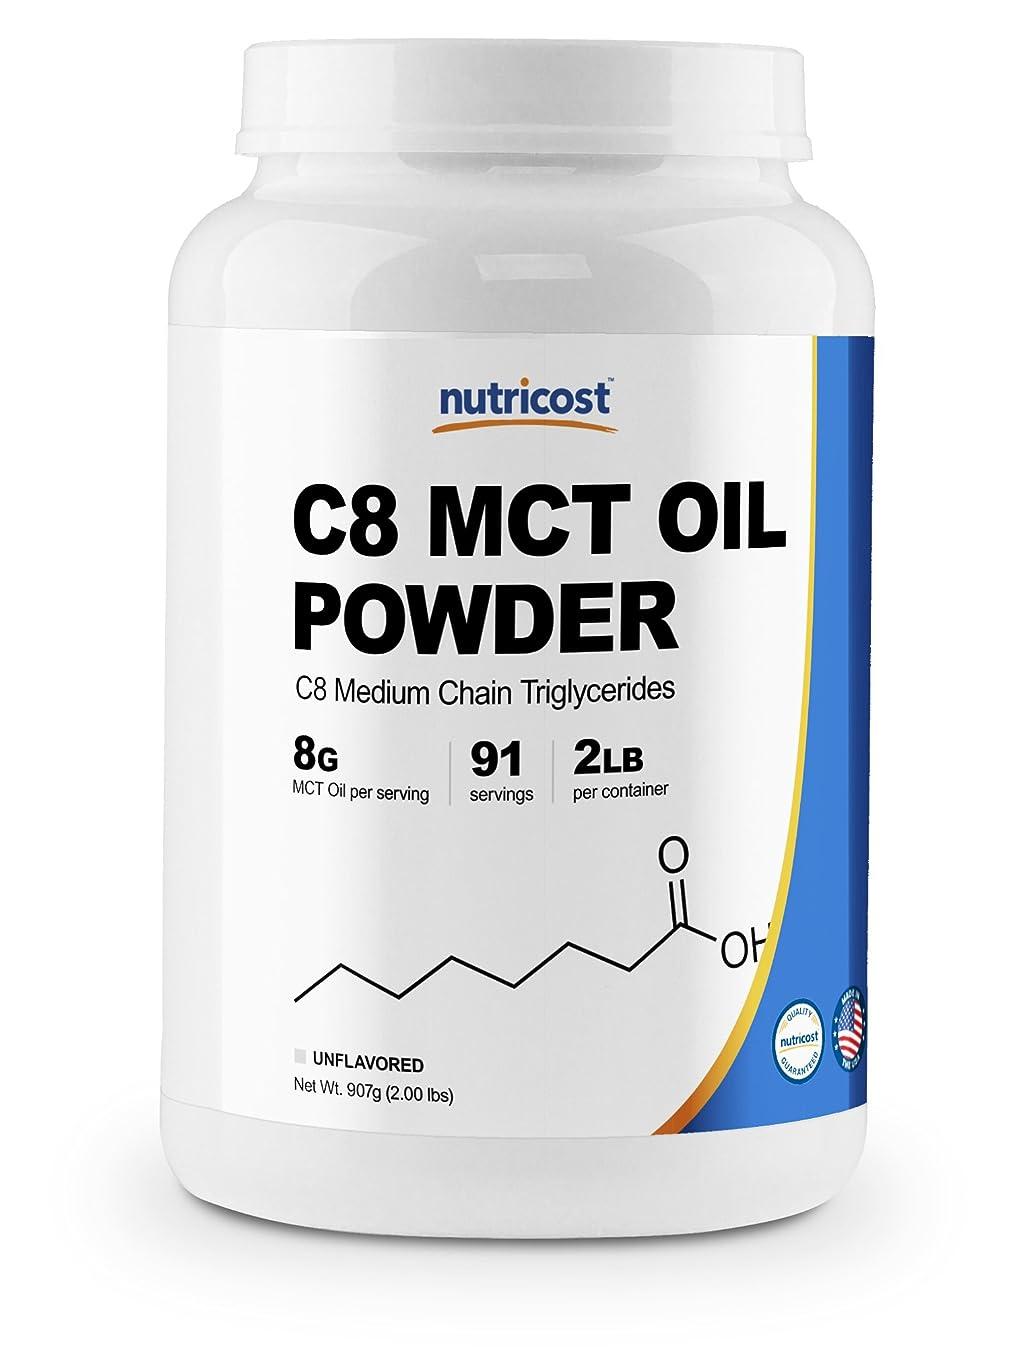 ターゲットアンケート分布Nutricost C8 MCT オイル パウダー 2LB(32オンス)、 95% C8 MCT オイル パウダー